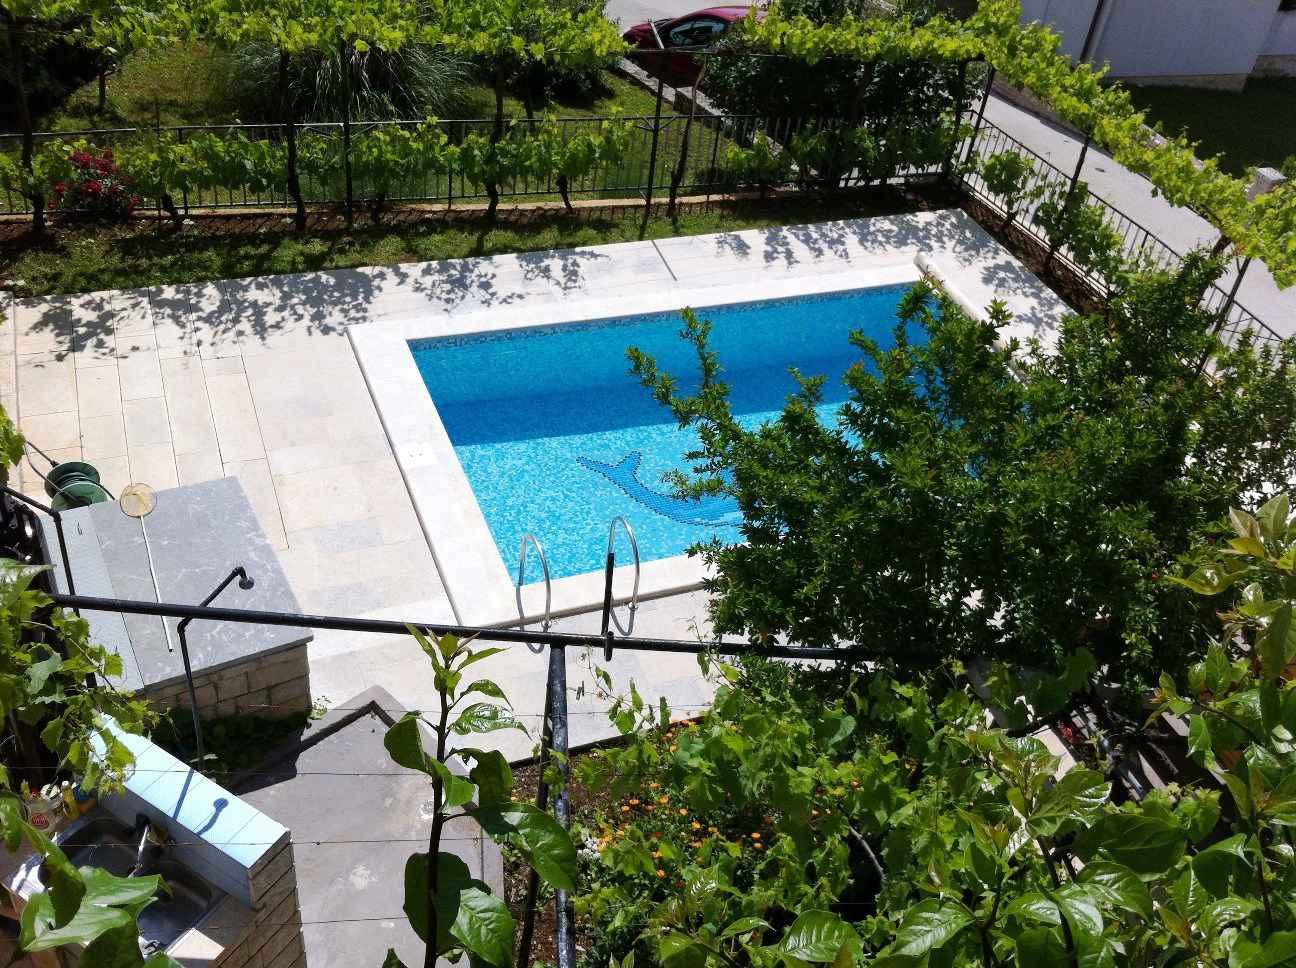 Ferienwohnung mit Pool und Grill (280662), Pula, , Istrien, Kroatien, Bild 4